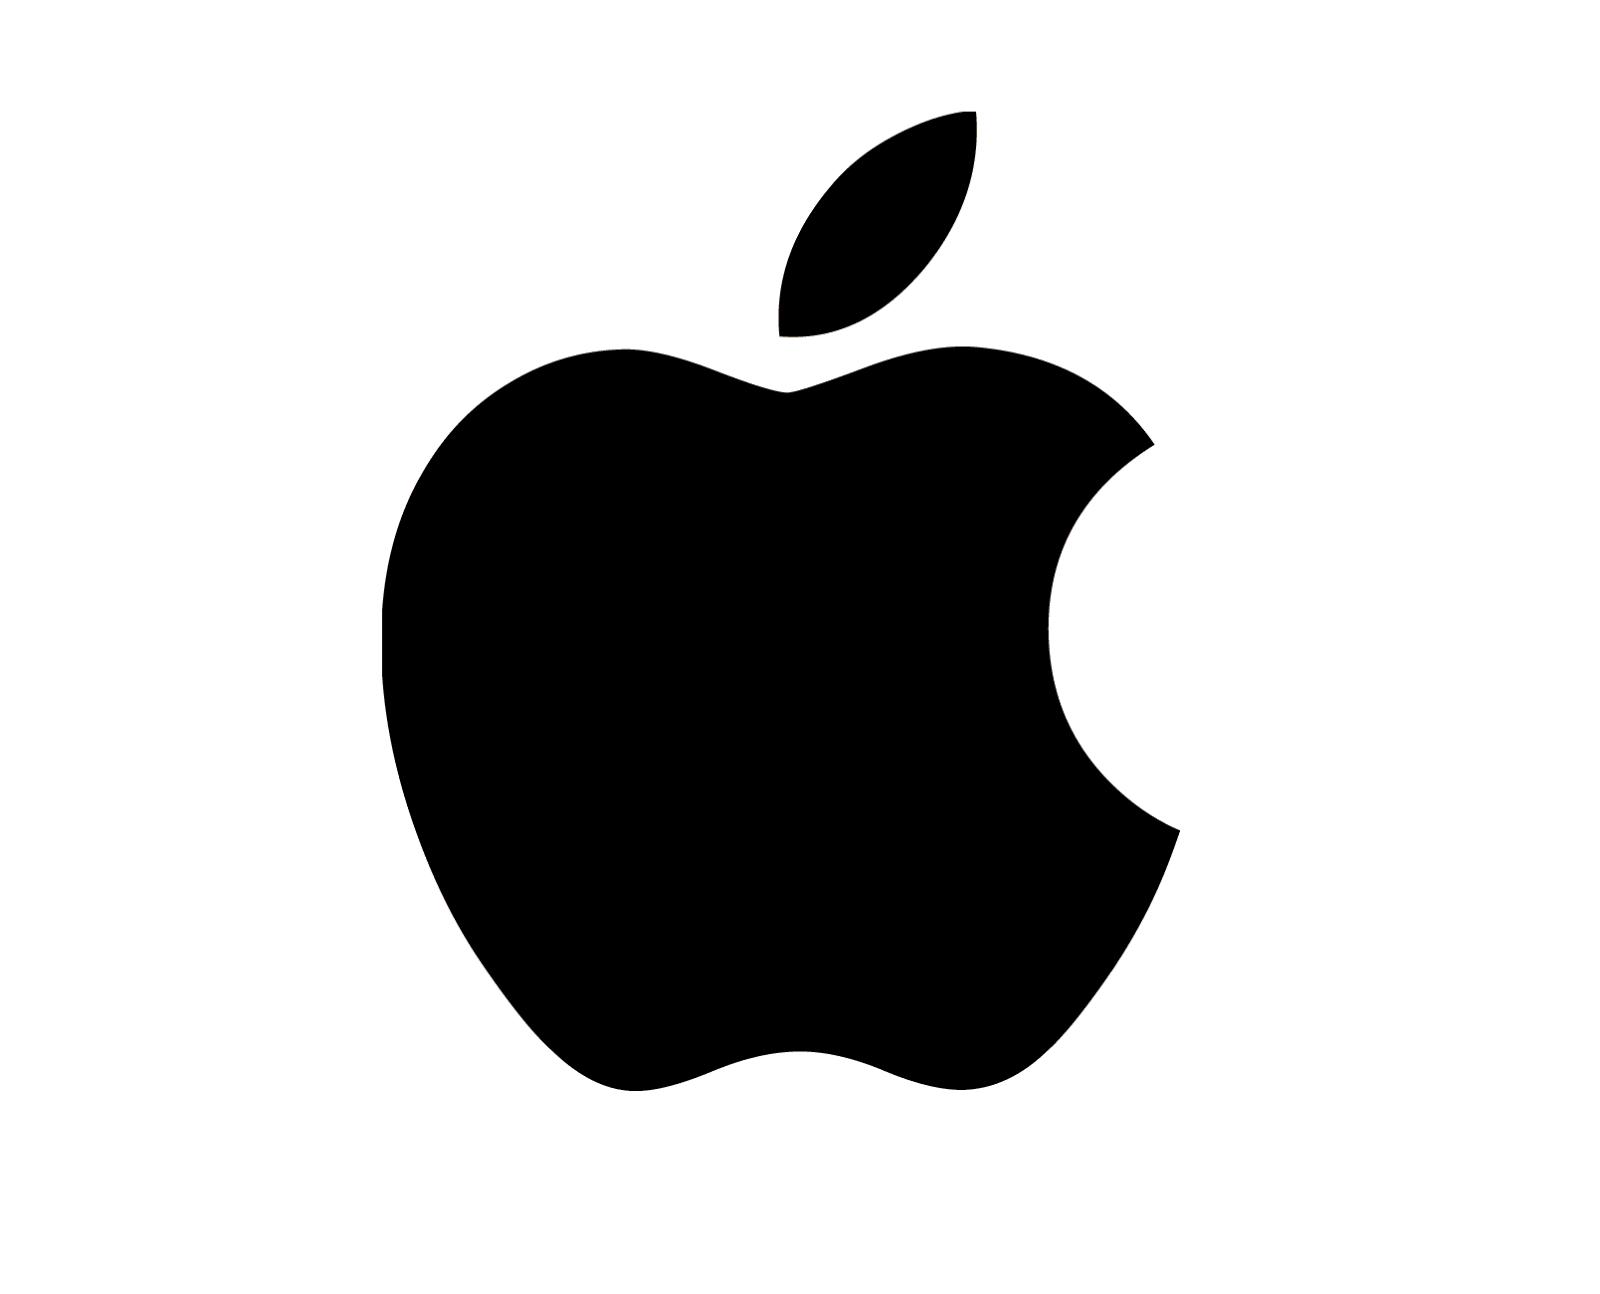 official apple logo vector. official apple logo vector